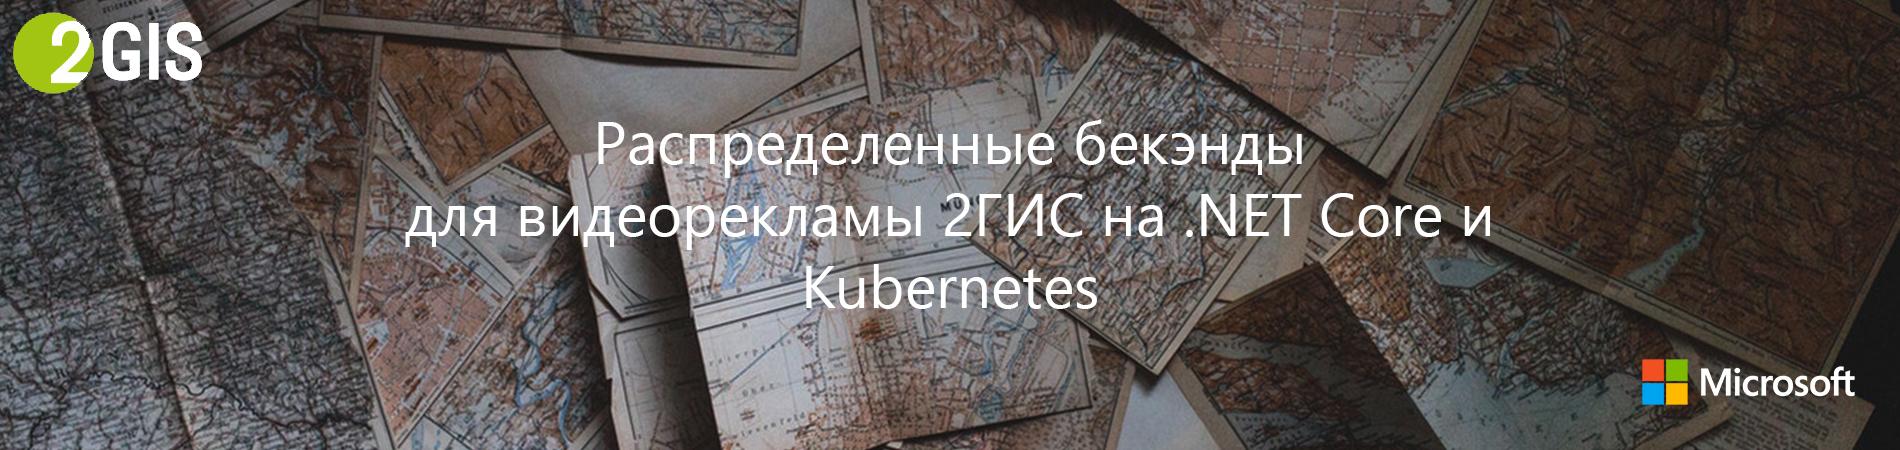 Распределенные бекэнды для видеорекламы 2ГИС на .NET Core и Kubernetes